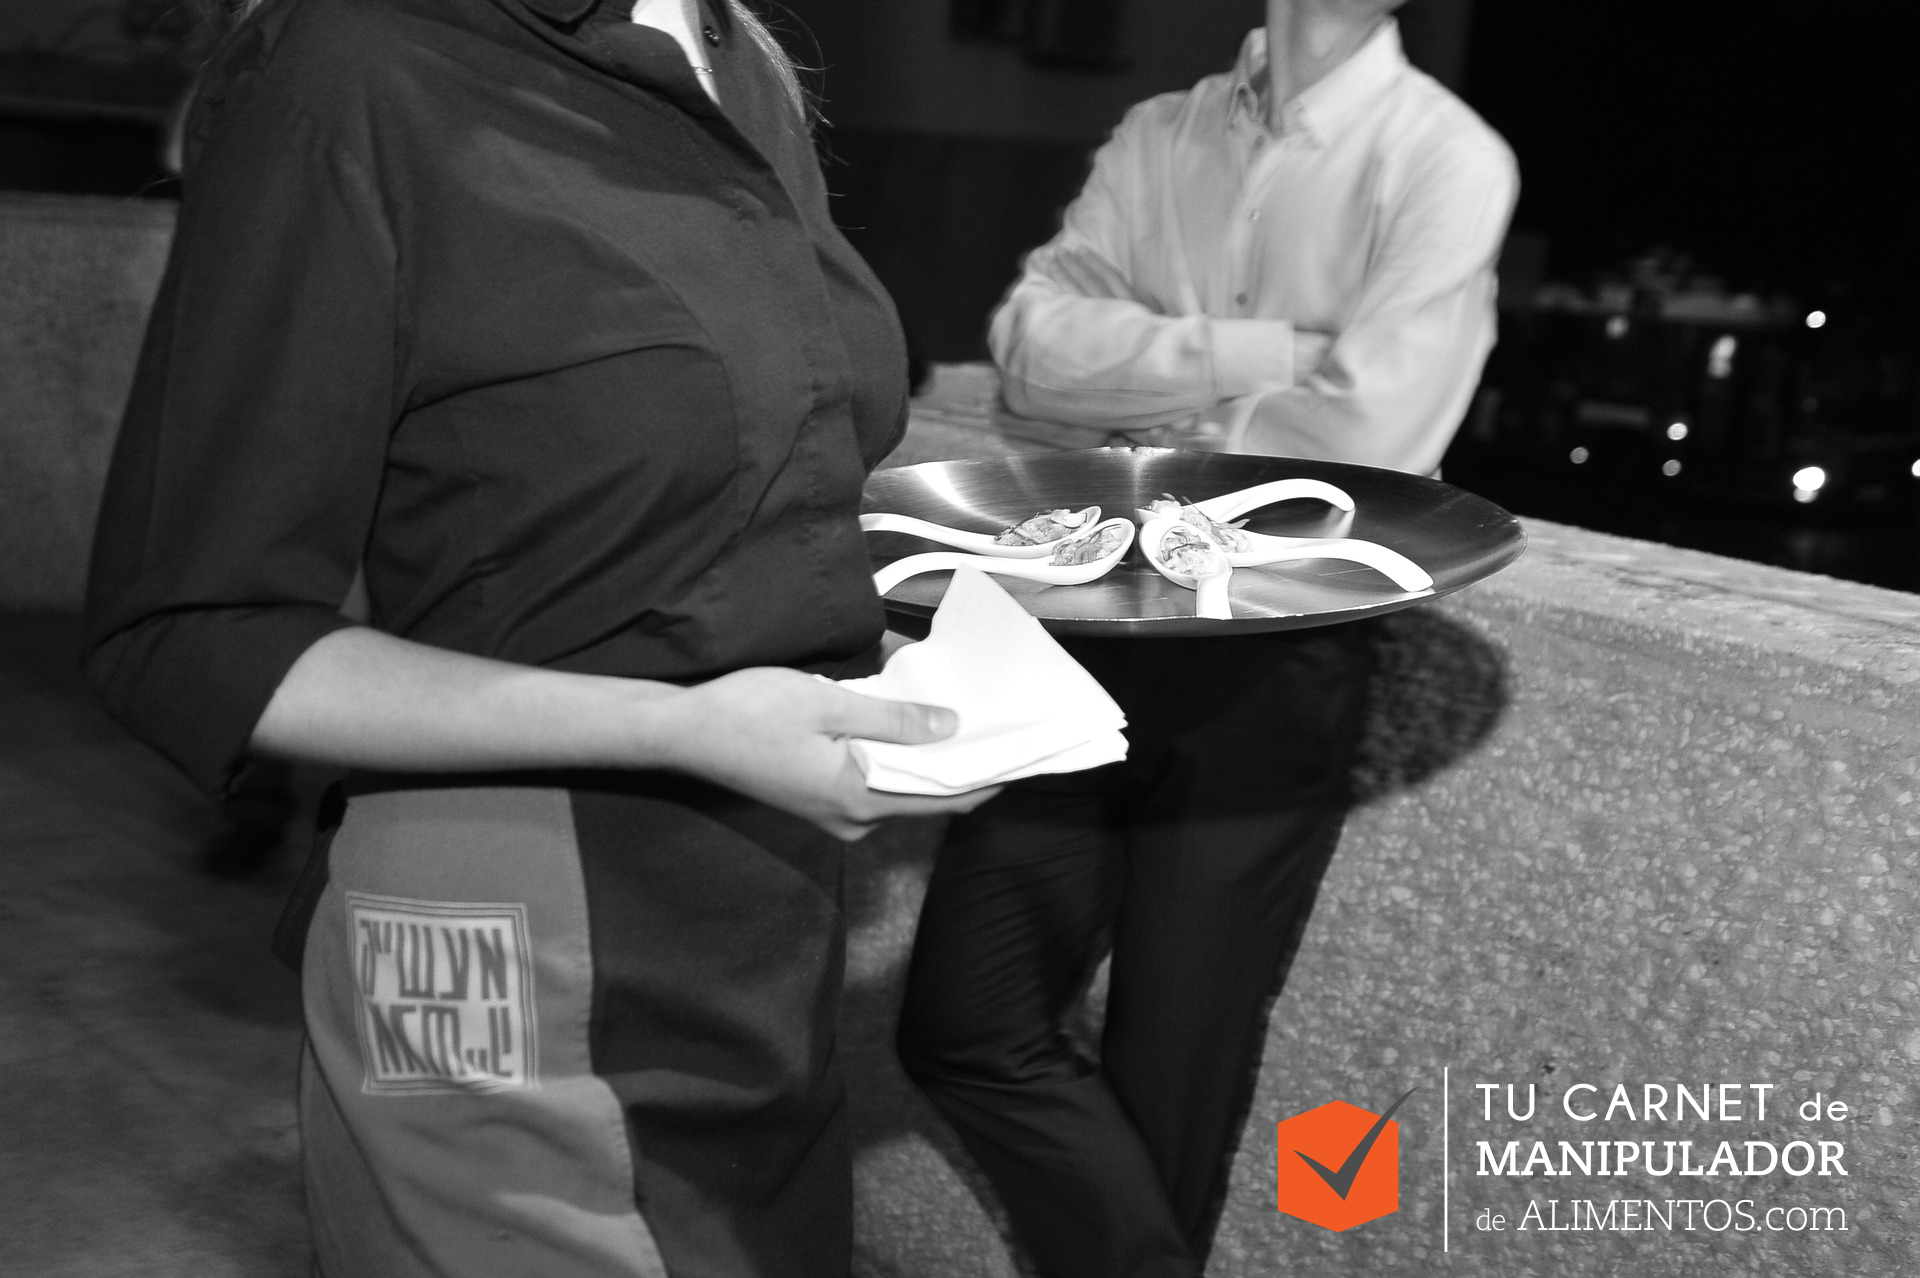 Trucos para ser un buen camarero/a. Parte 2